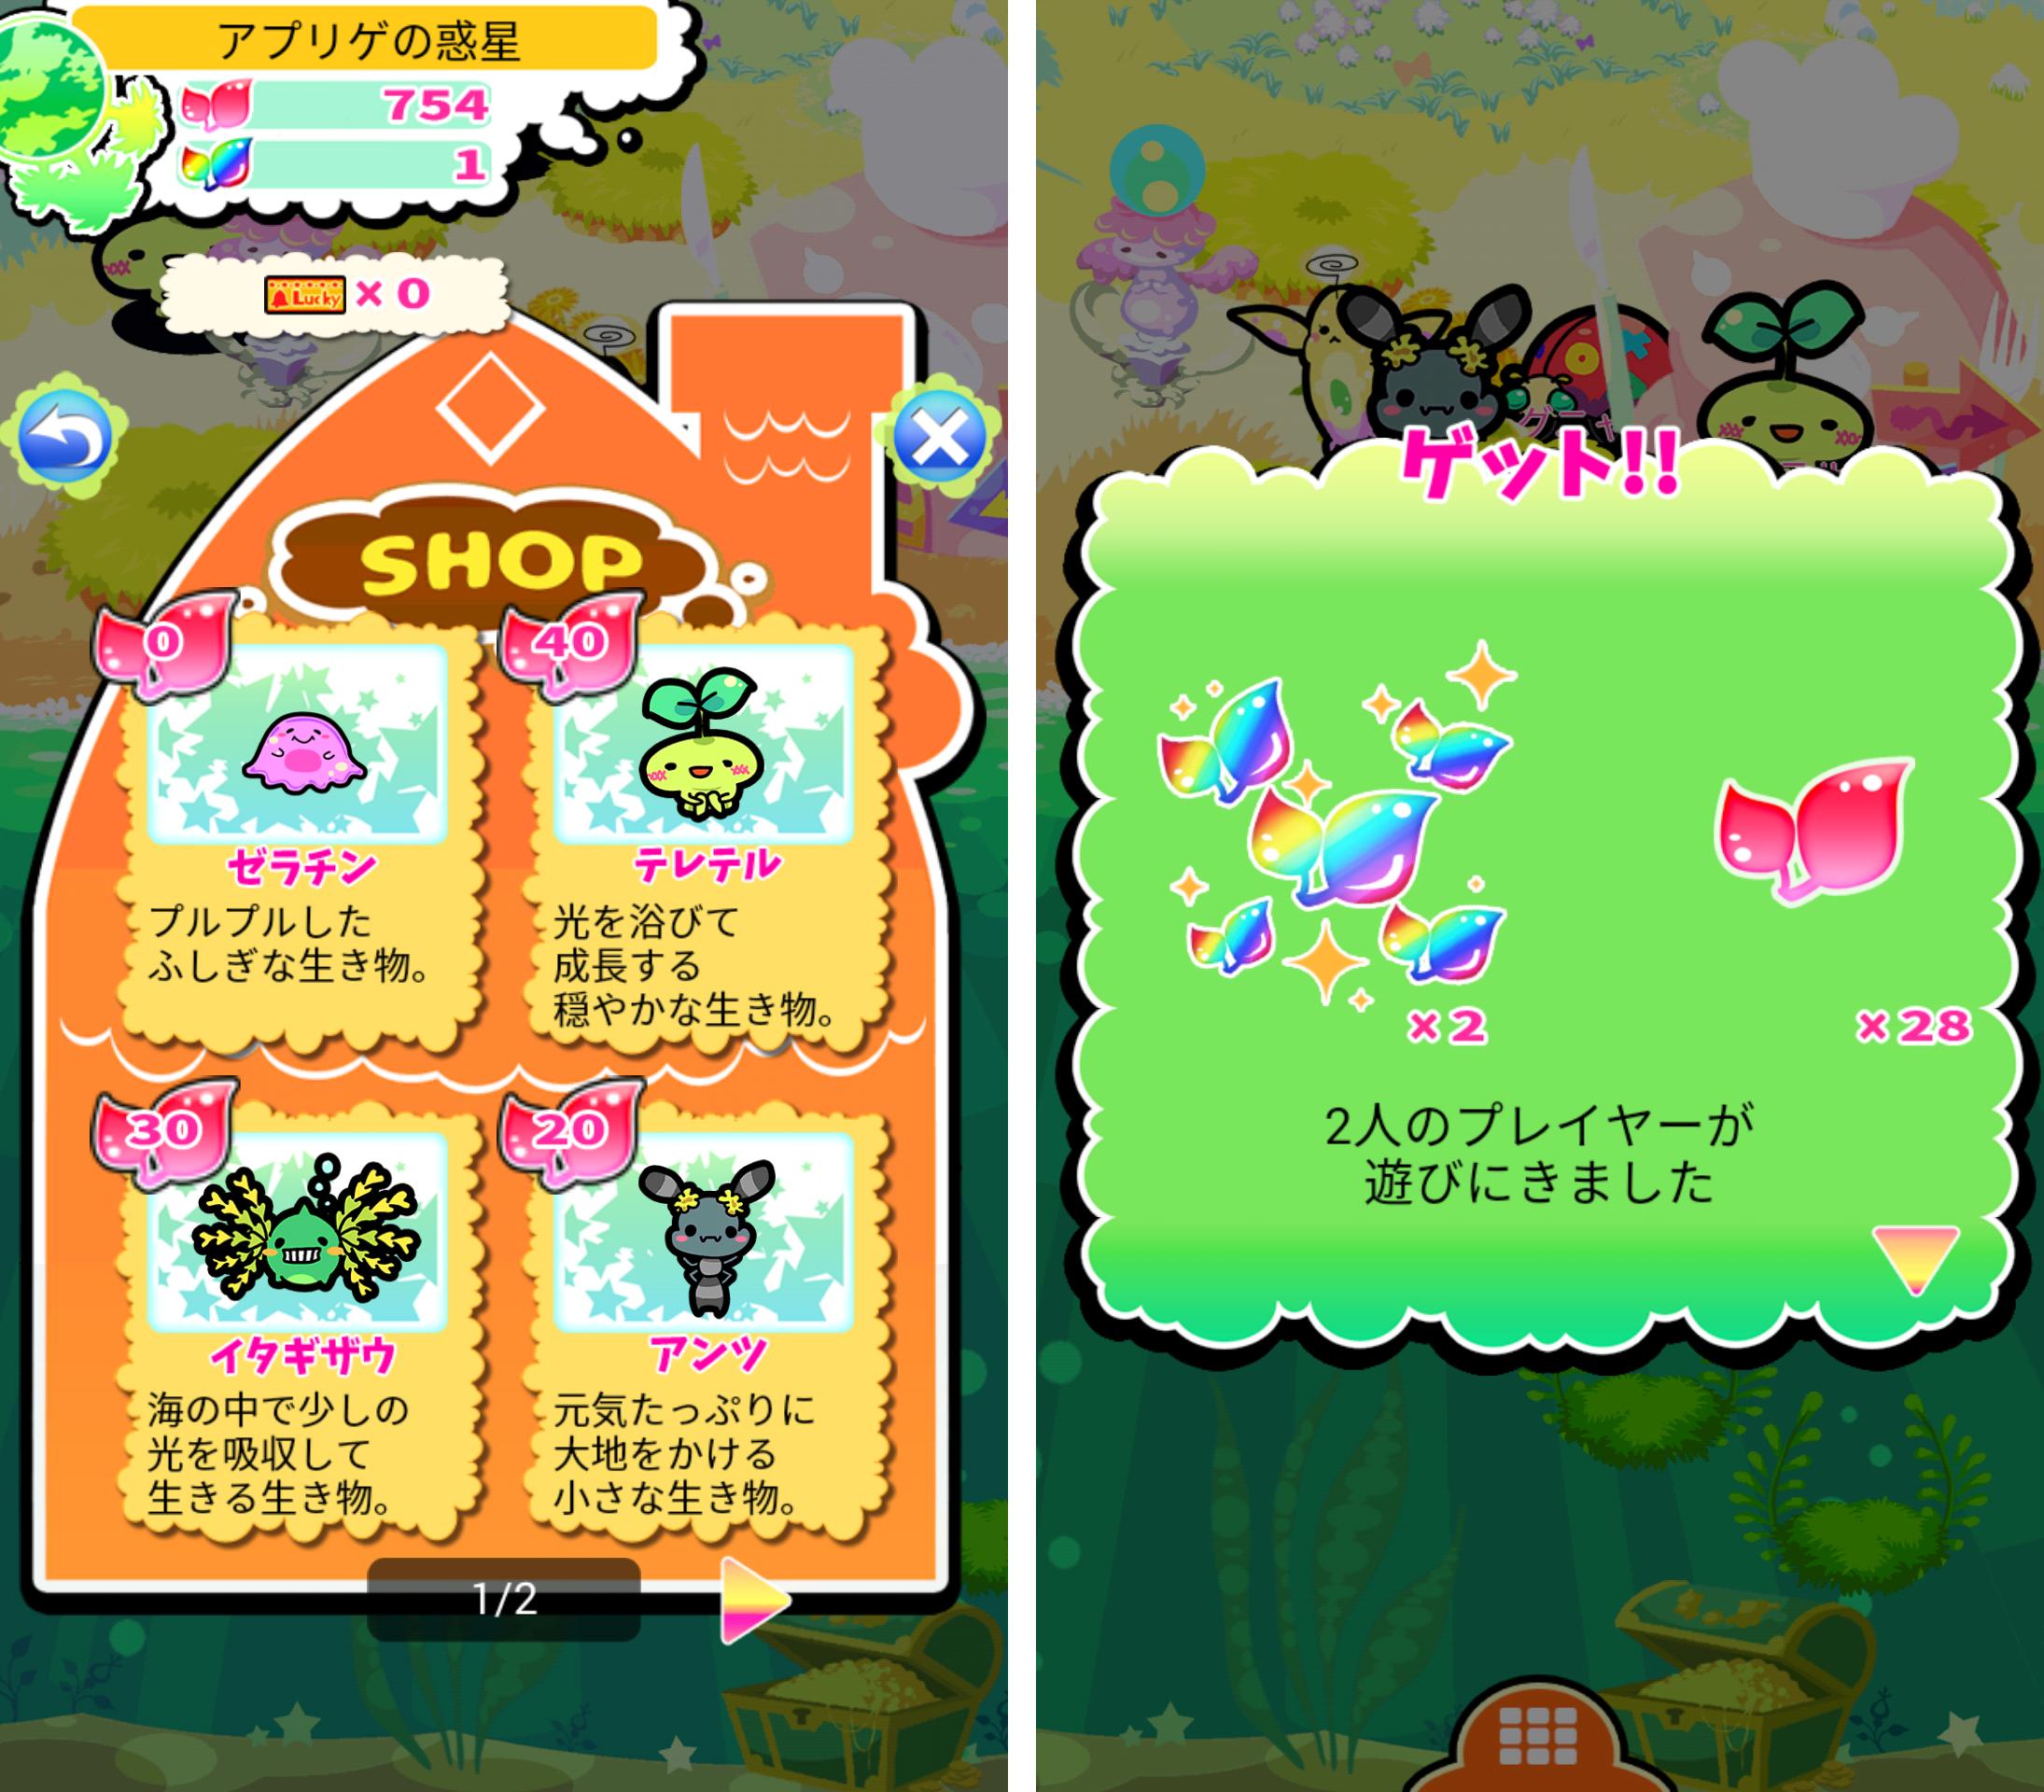 惑星キャラパゴス androidアプリスクリーンショット3